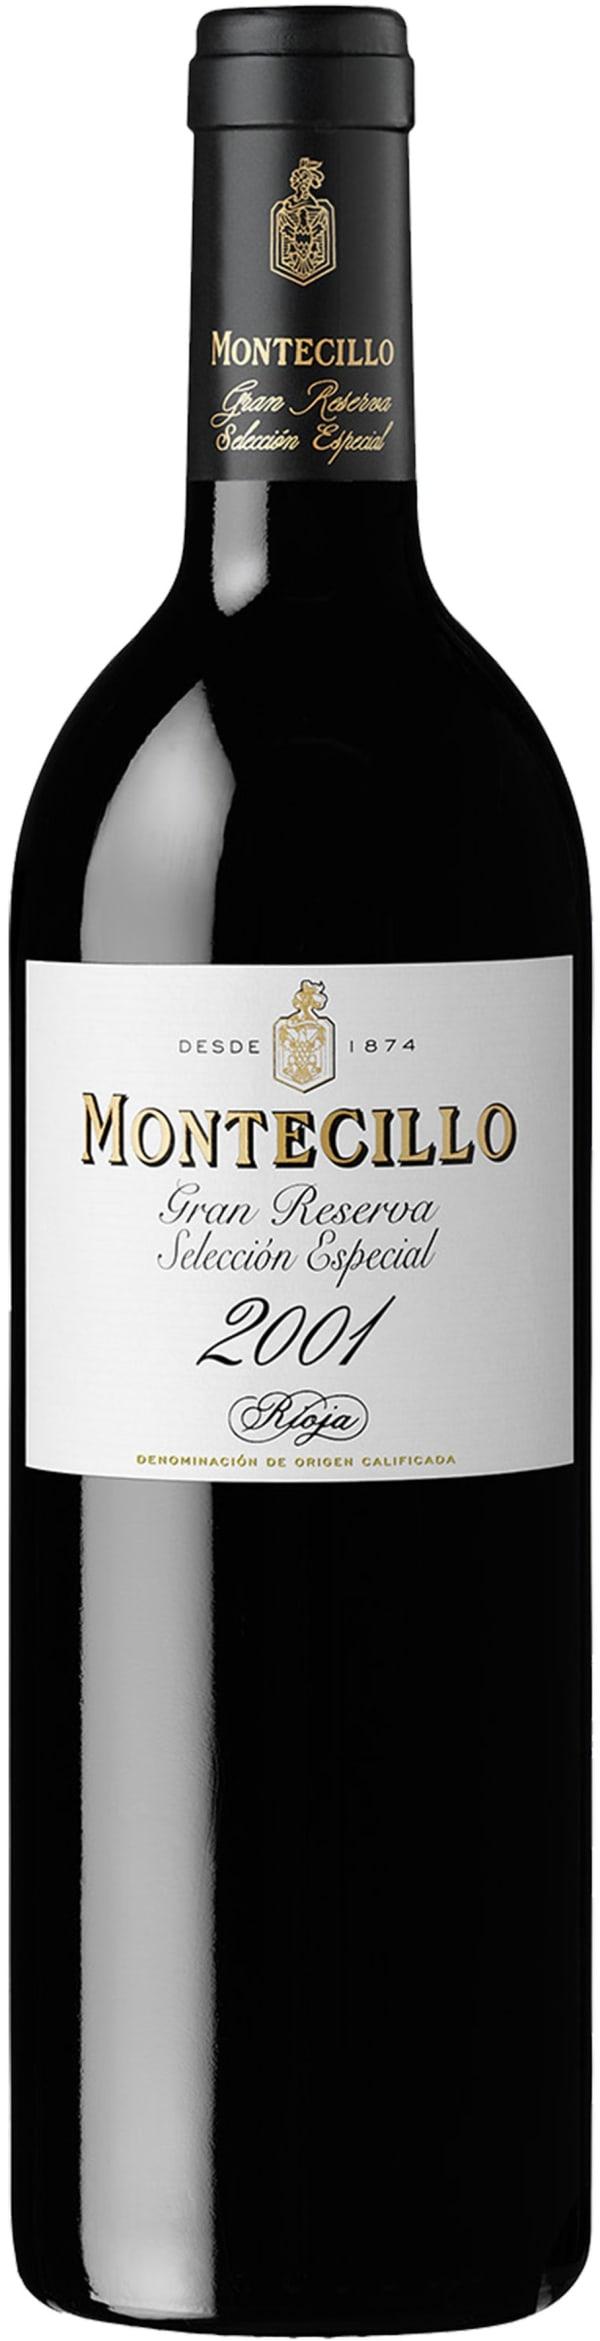 Montecillo Gran Reserva Selección Especial 2001